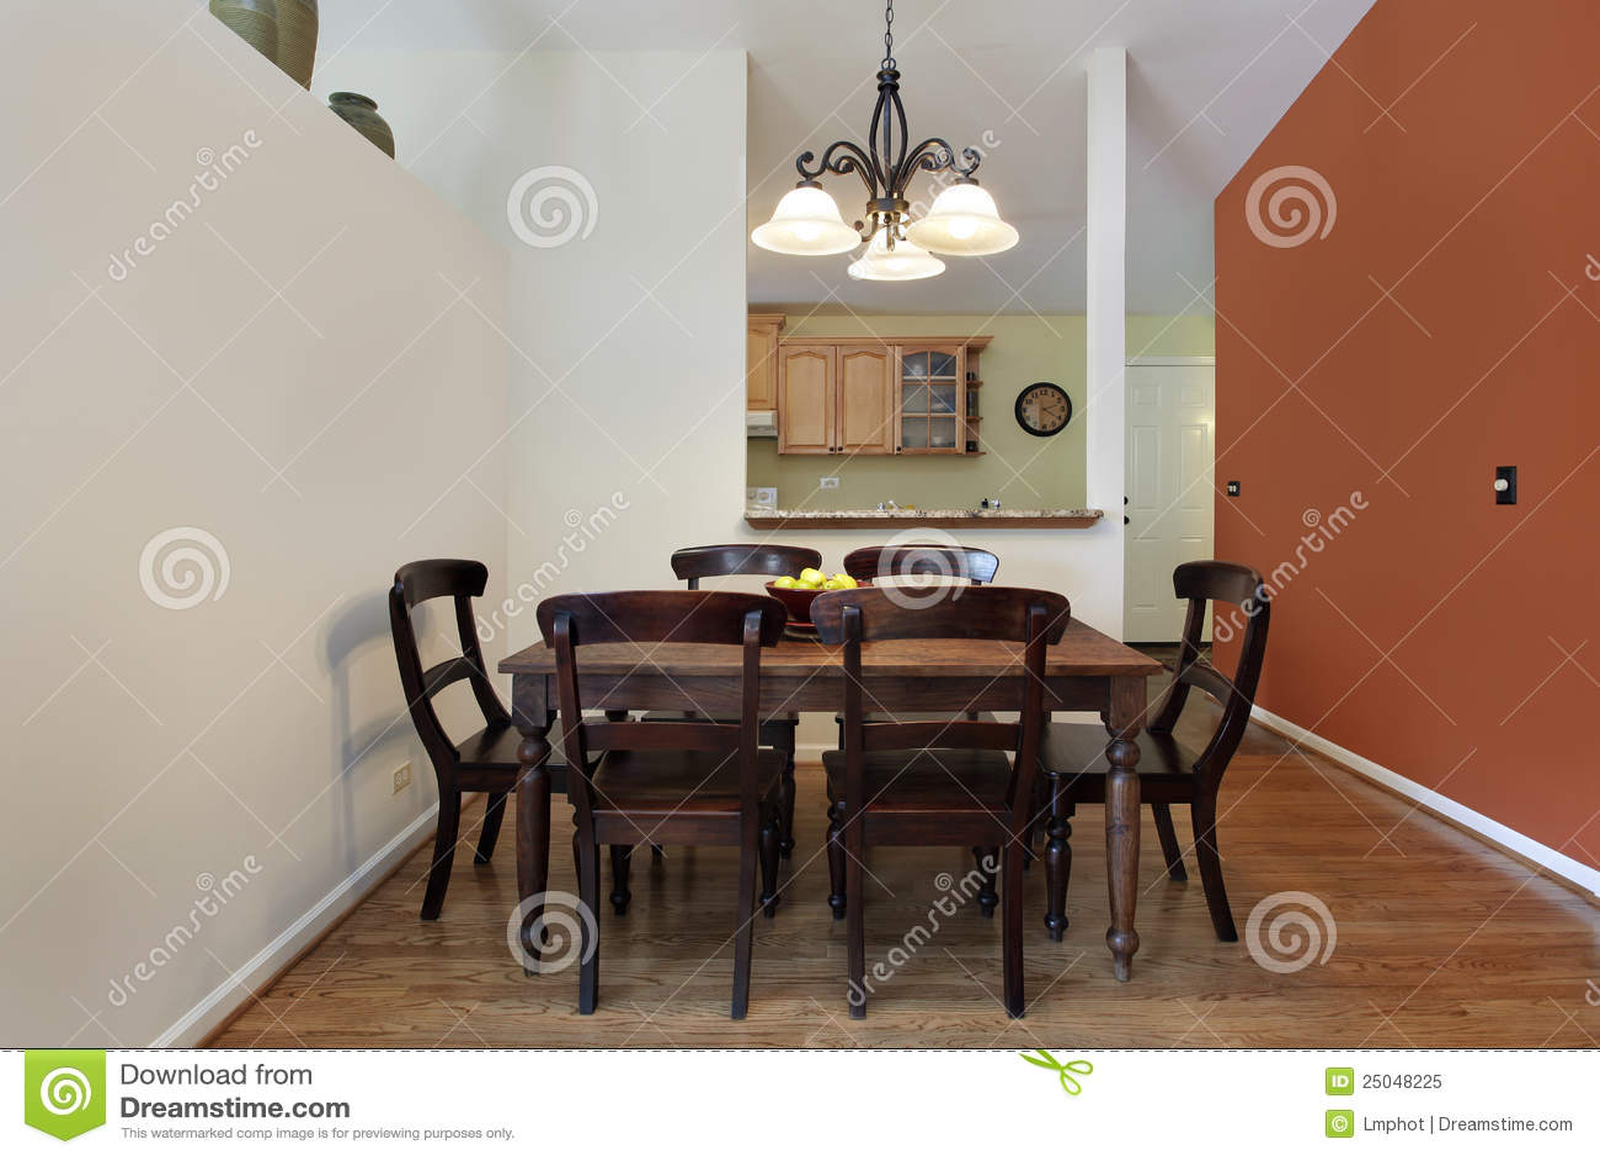 Eetkamer met oranje muur royalty vrije stock foto afbeelding 25048225 - Eetkamer eetkamer ...